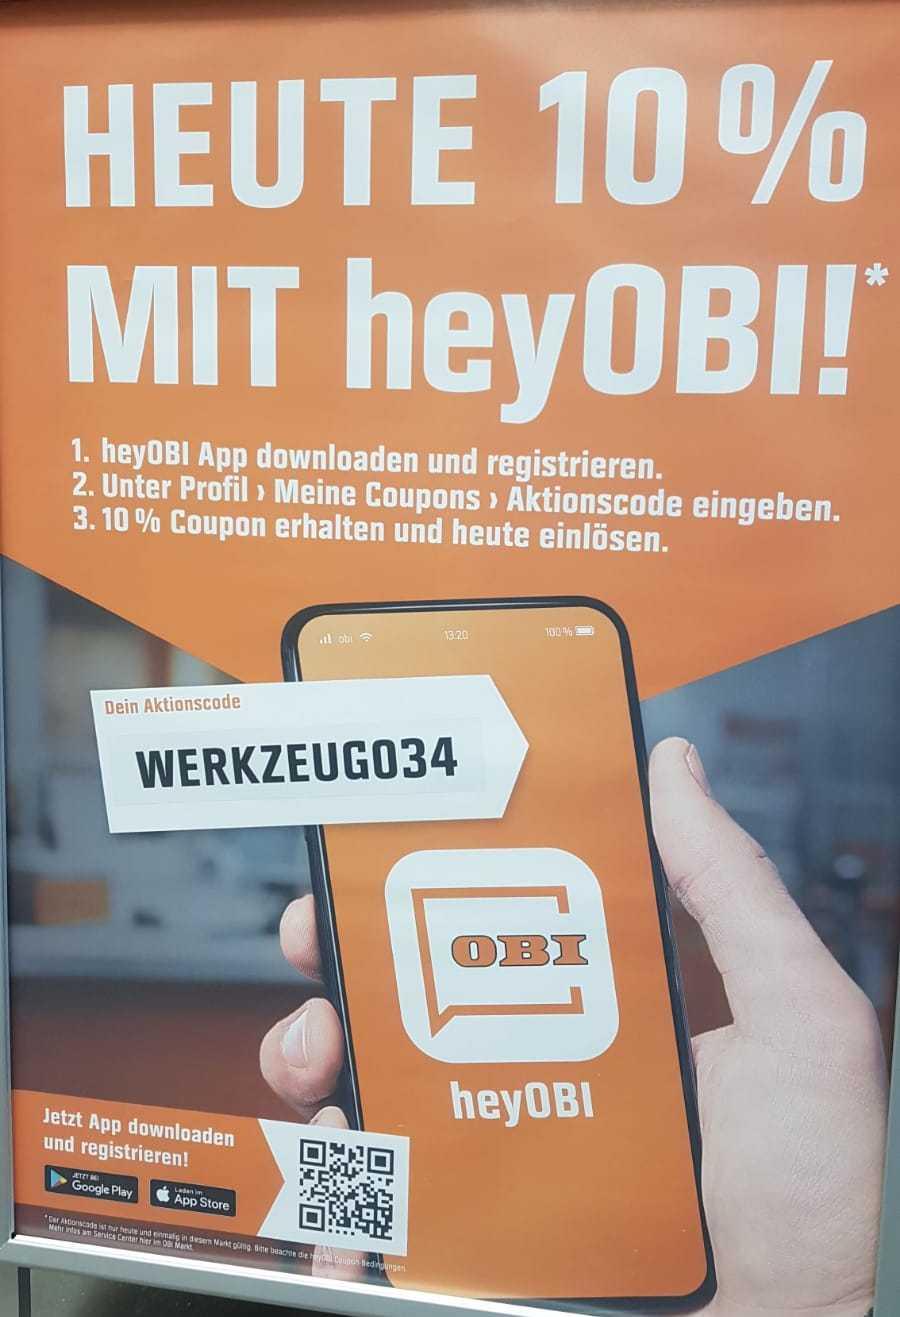 [Obi] -10% auf den Einkauf (nur Filiale Triesterstraße?), mit der heyOBI App